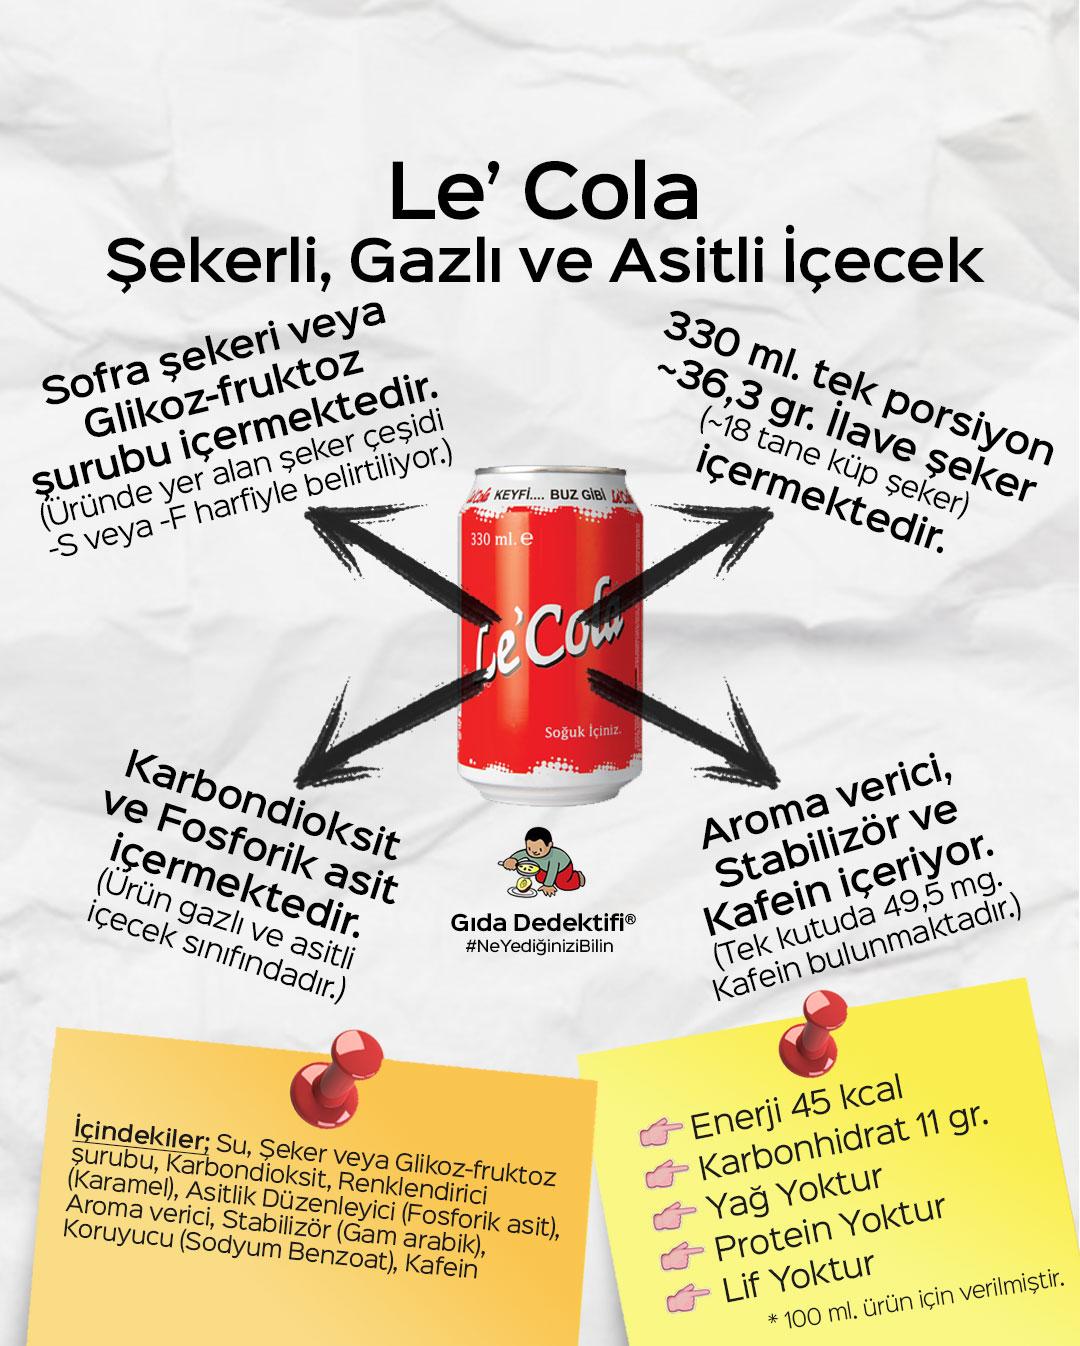 Le'Cola - Gıda Dedektifi